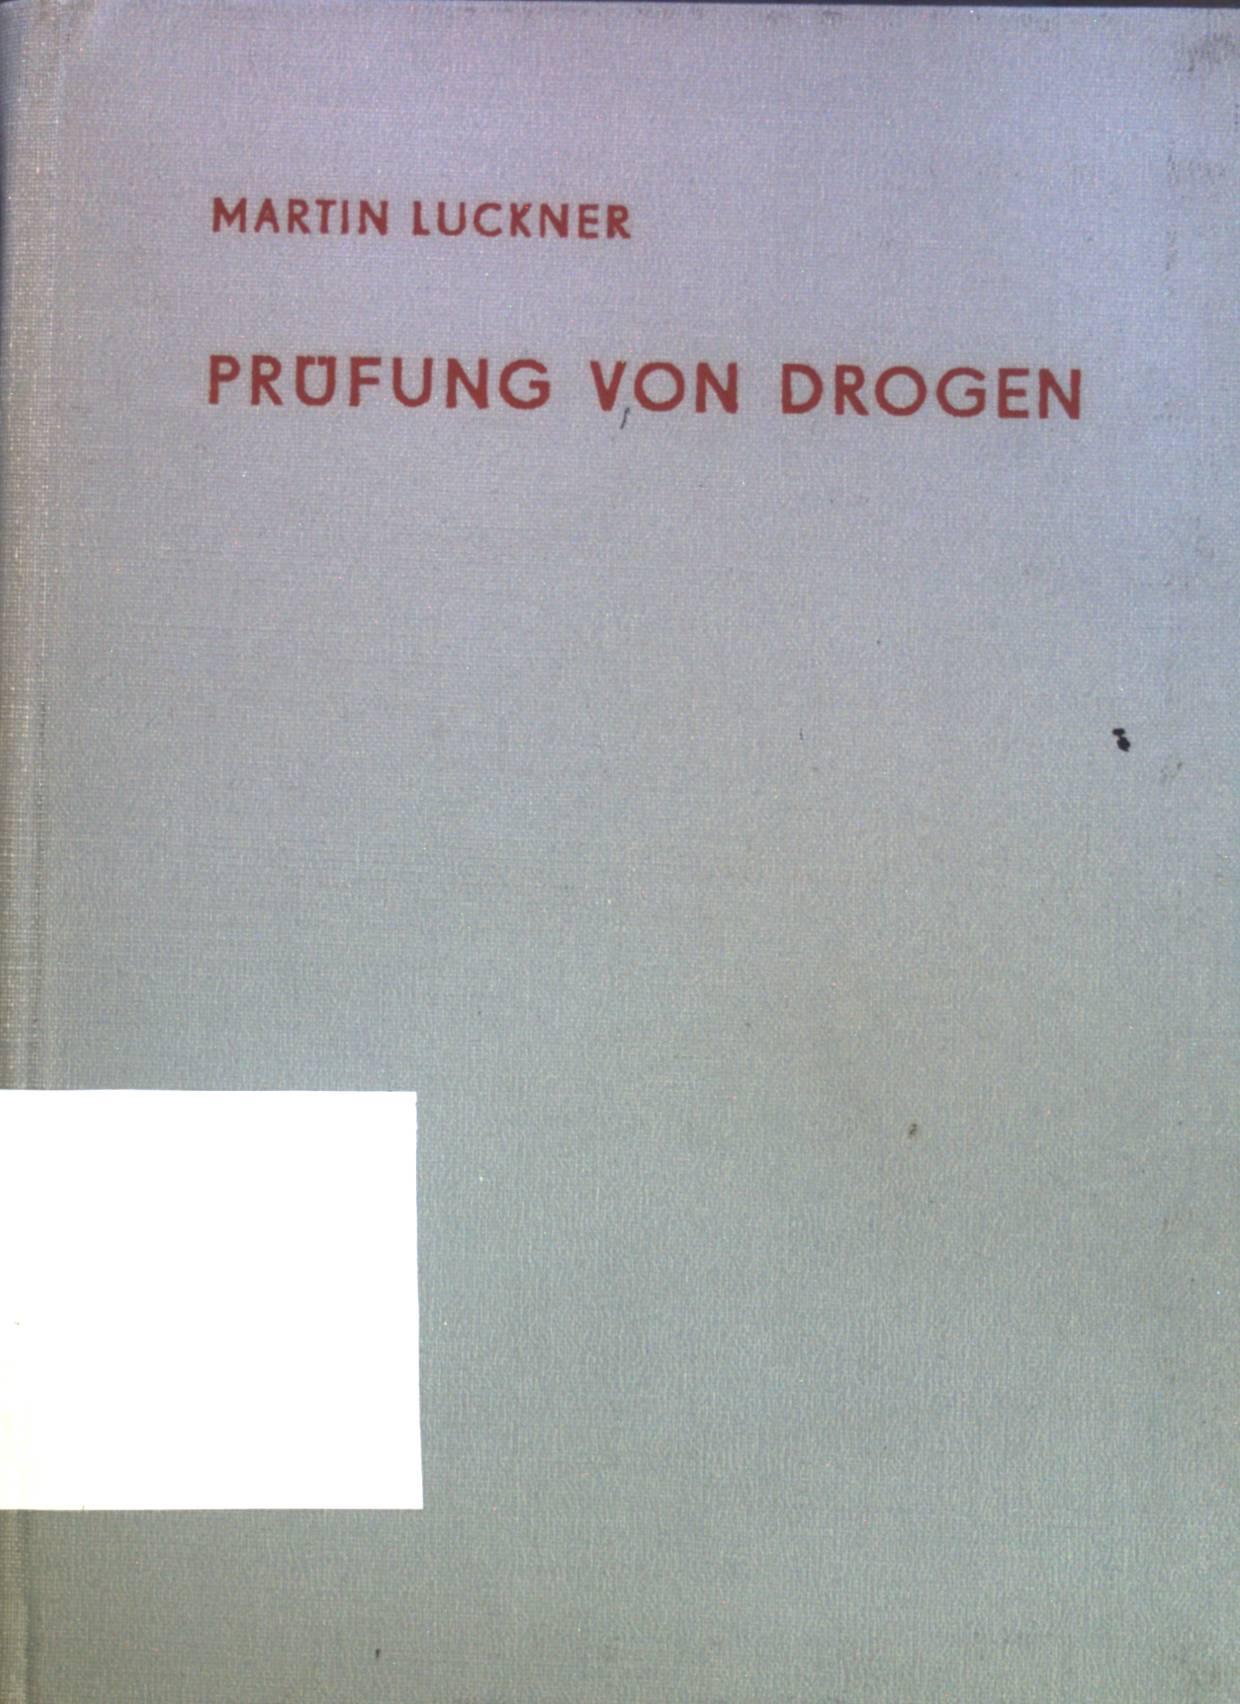 Vorschriften für die chemische, physikalische und biologische: Luckner, Martin: